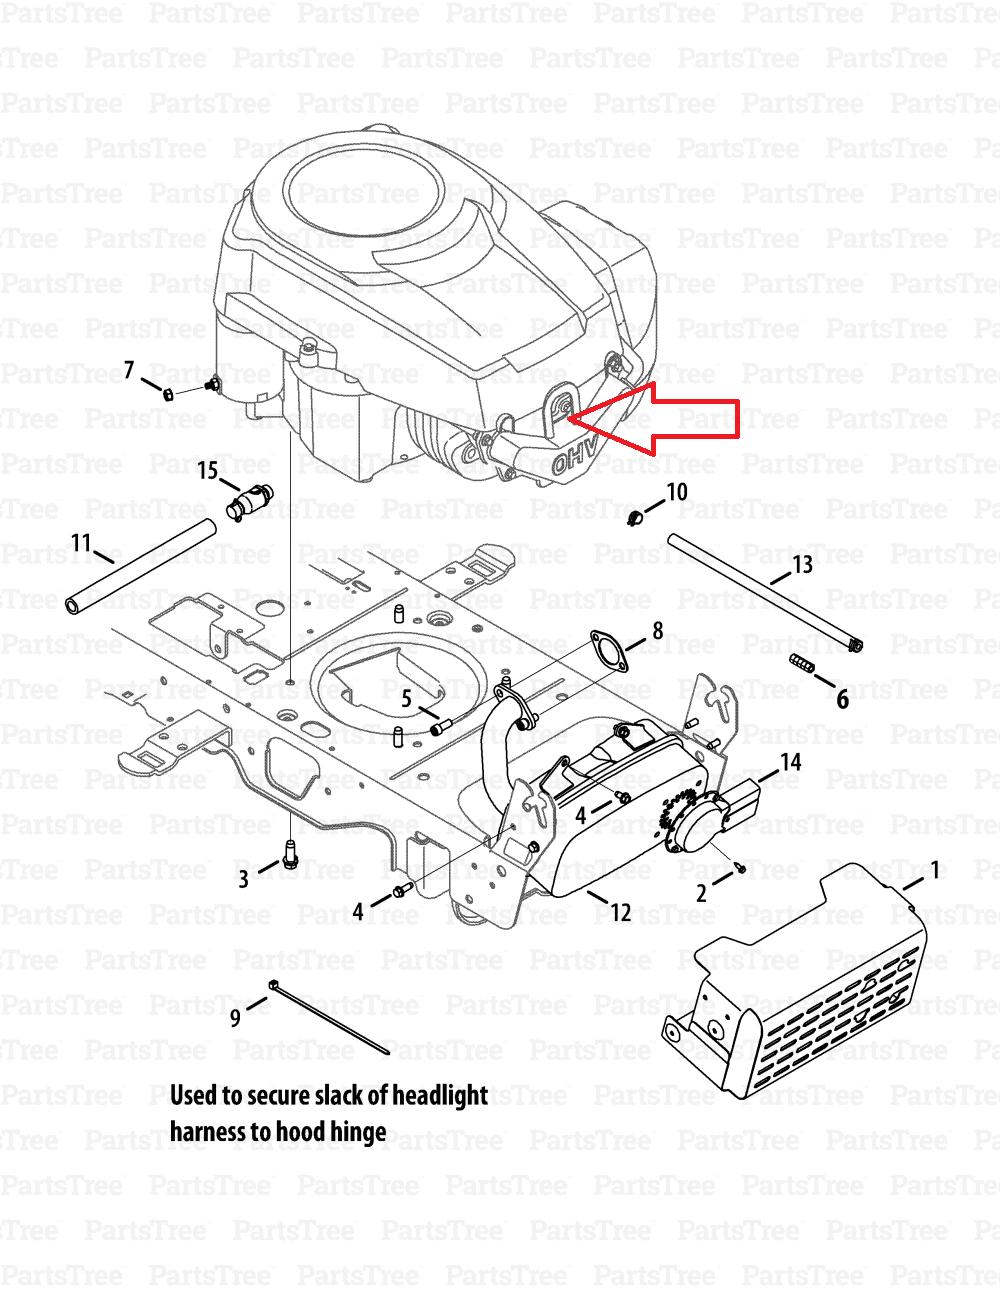 30cc26ae-bf95-4428-8510-bf75e738b301_plug.png